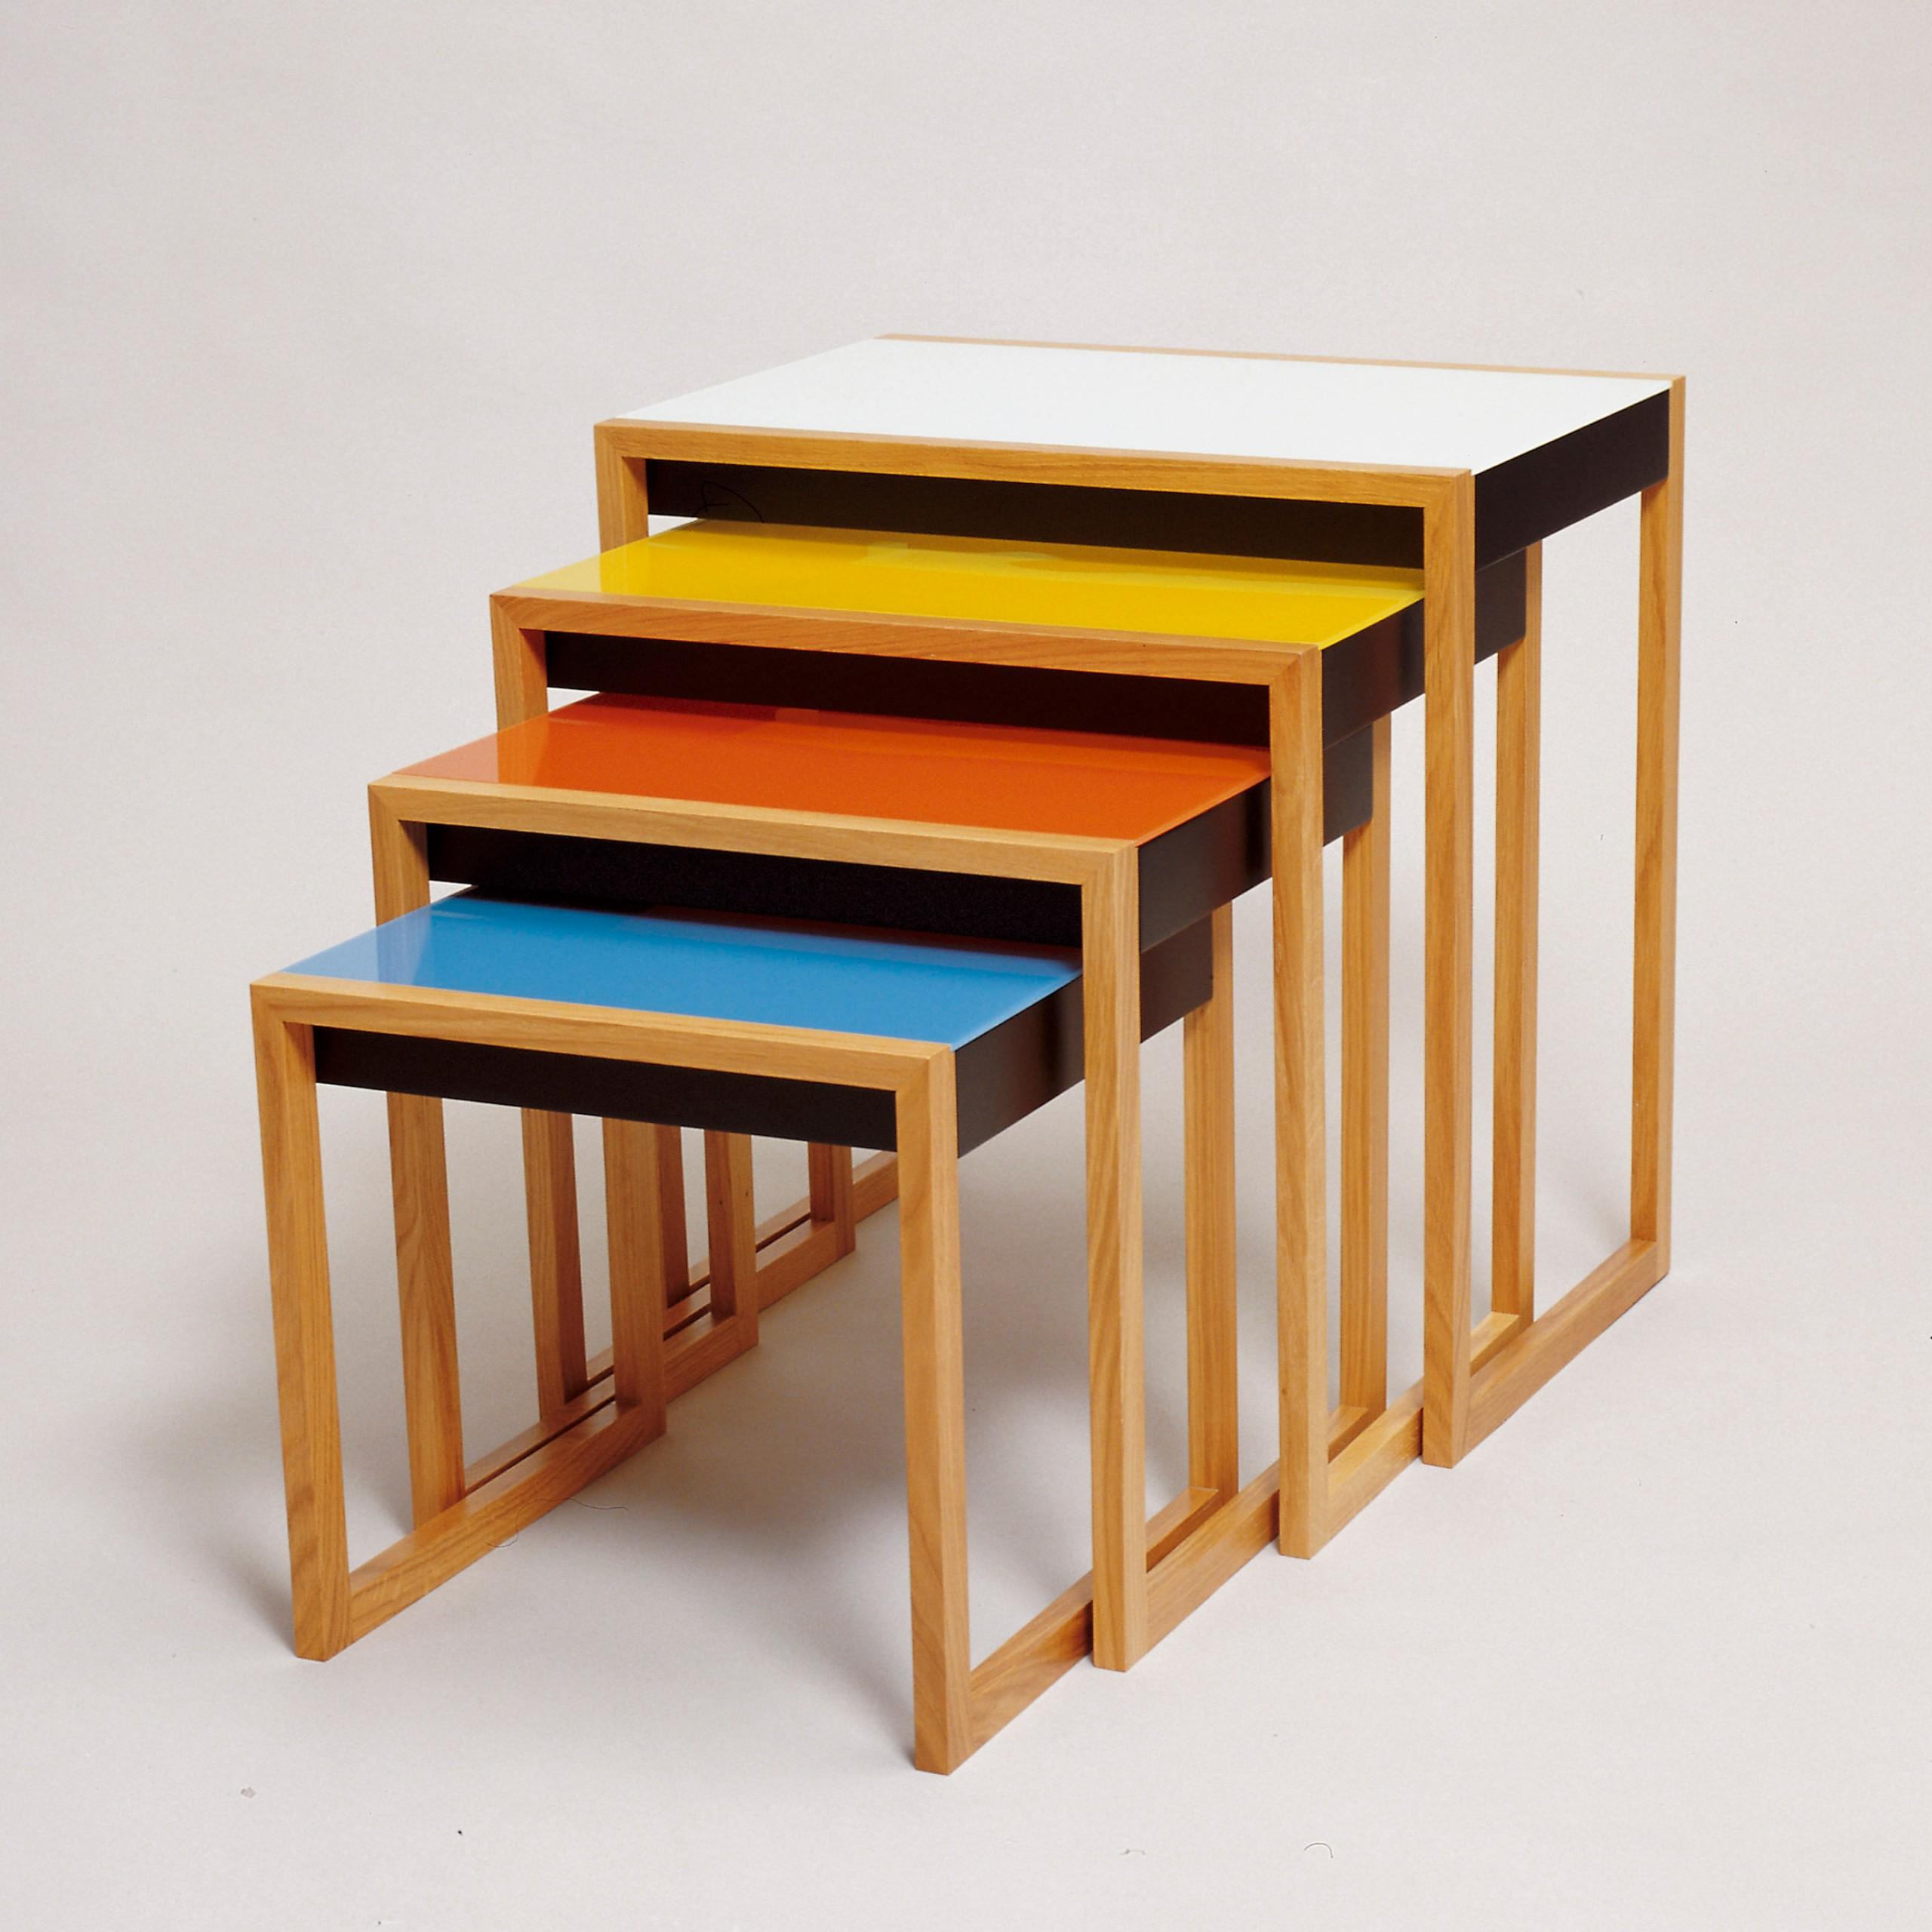 Bàn xếp thiết kế bởi Josef Albers